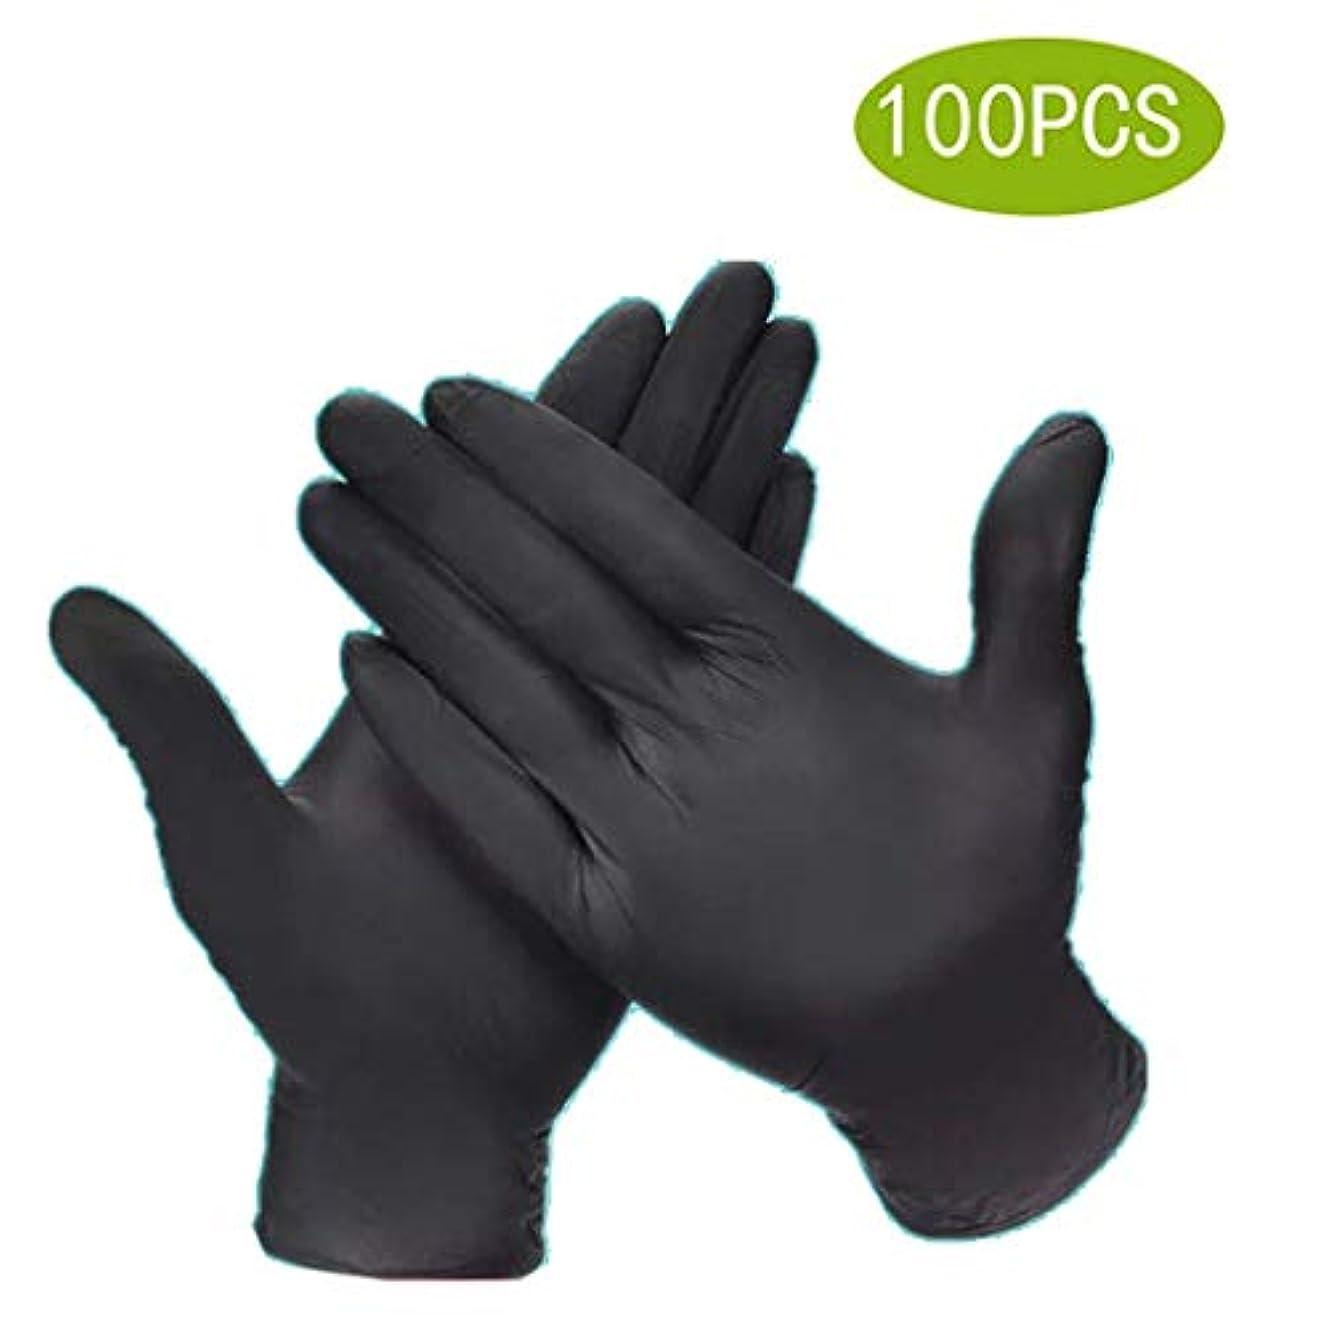 プログレッシブ砂赤外線使い捨て手袋食品ケータリング手術ディンチン厚い黒滑り止め酸とアルカリキッチン試験/食品グレード安全用品、使い捨てハンドグローブディスペンサー[100個] (Size : M)